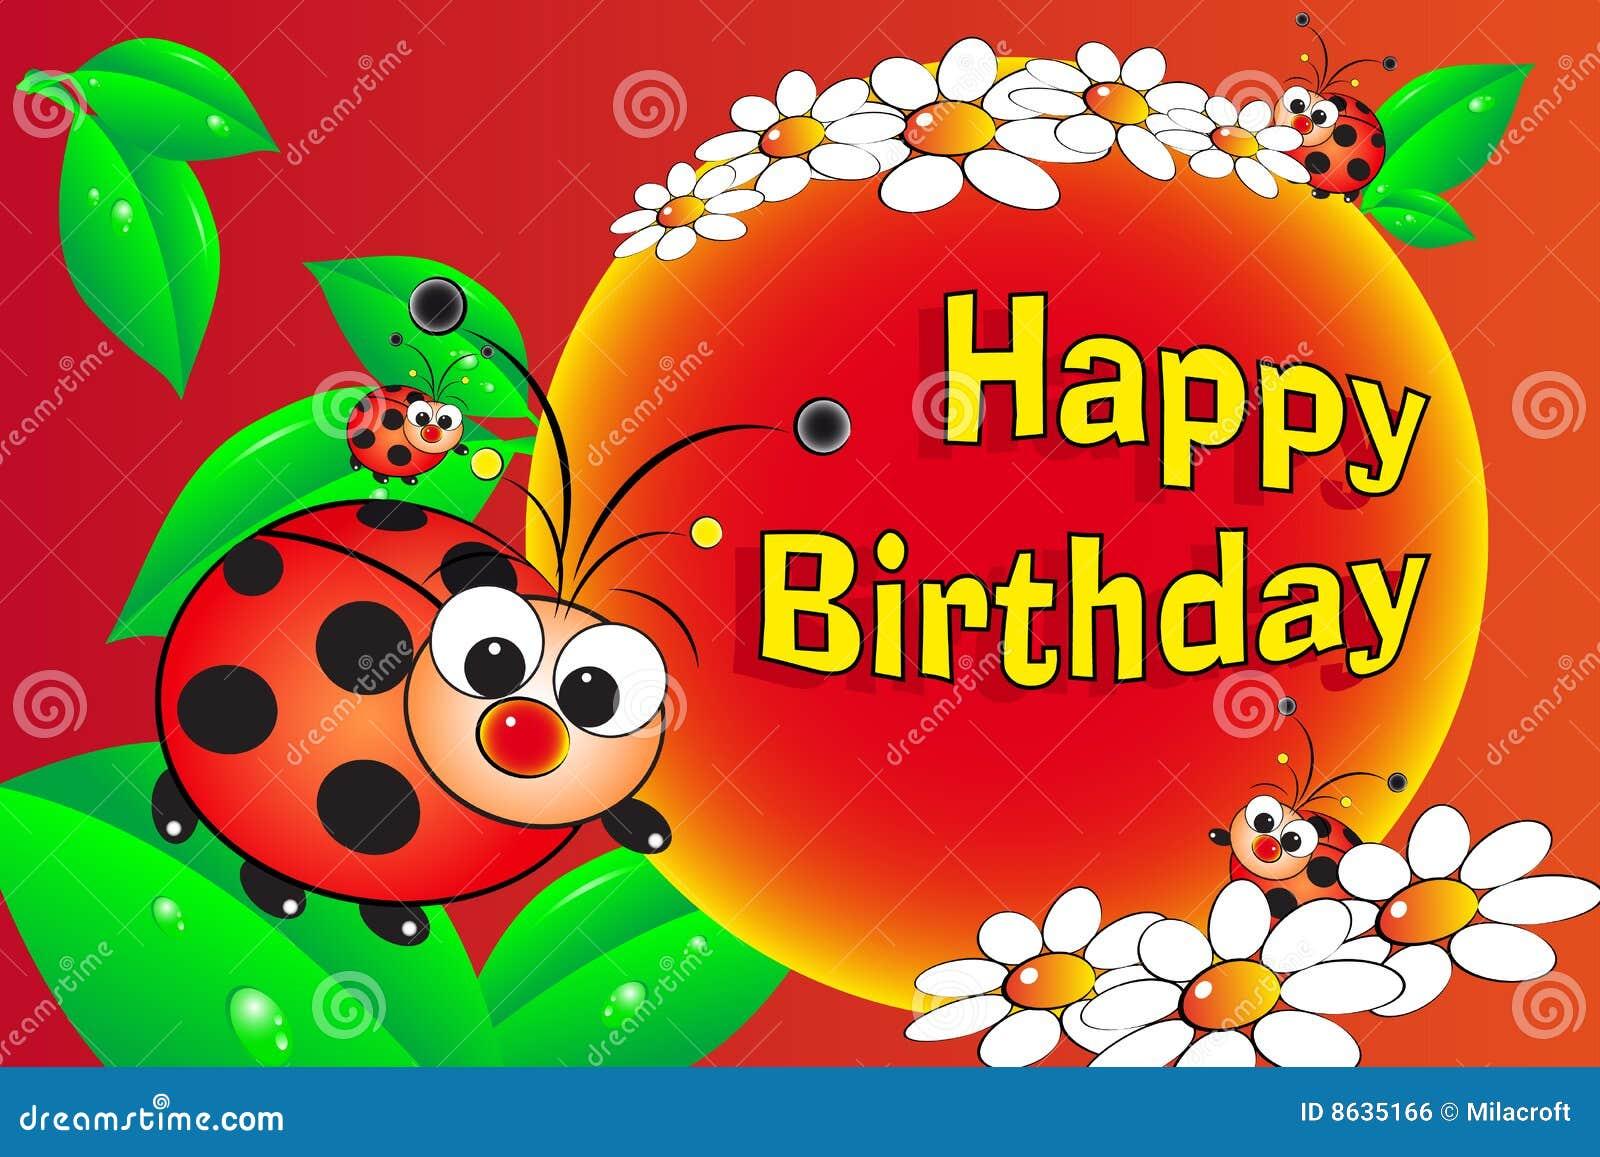 Поздравление с днем рождения короткое веселое